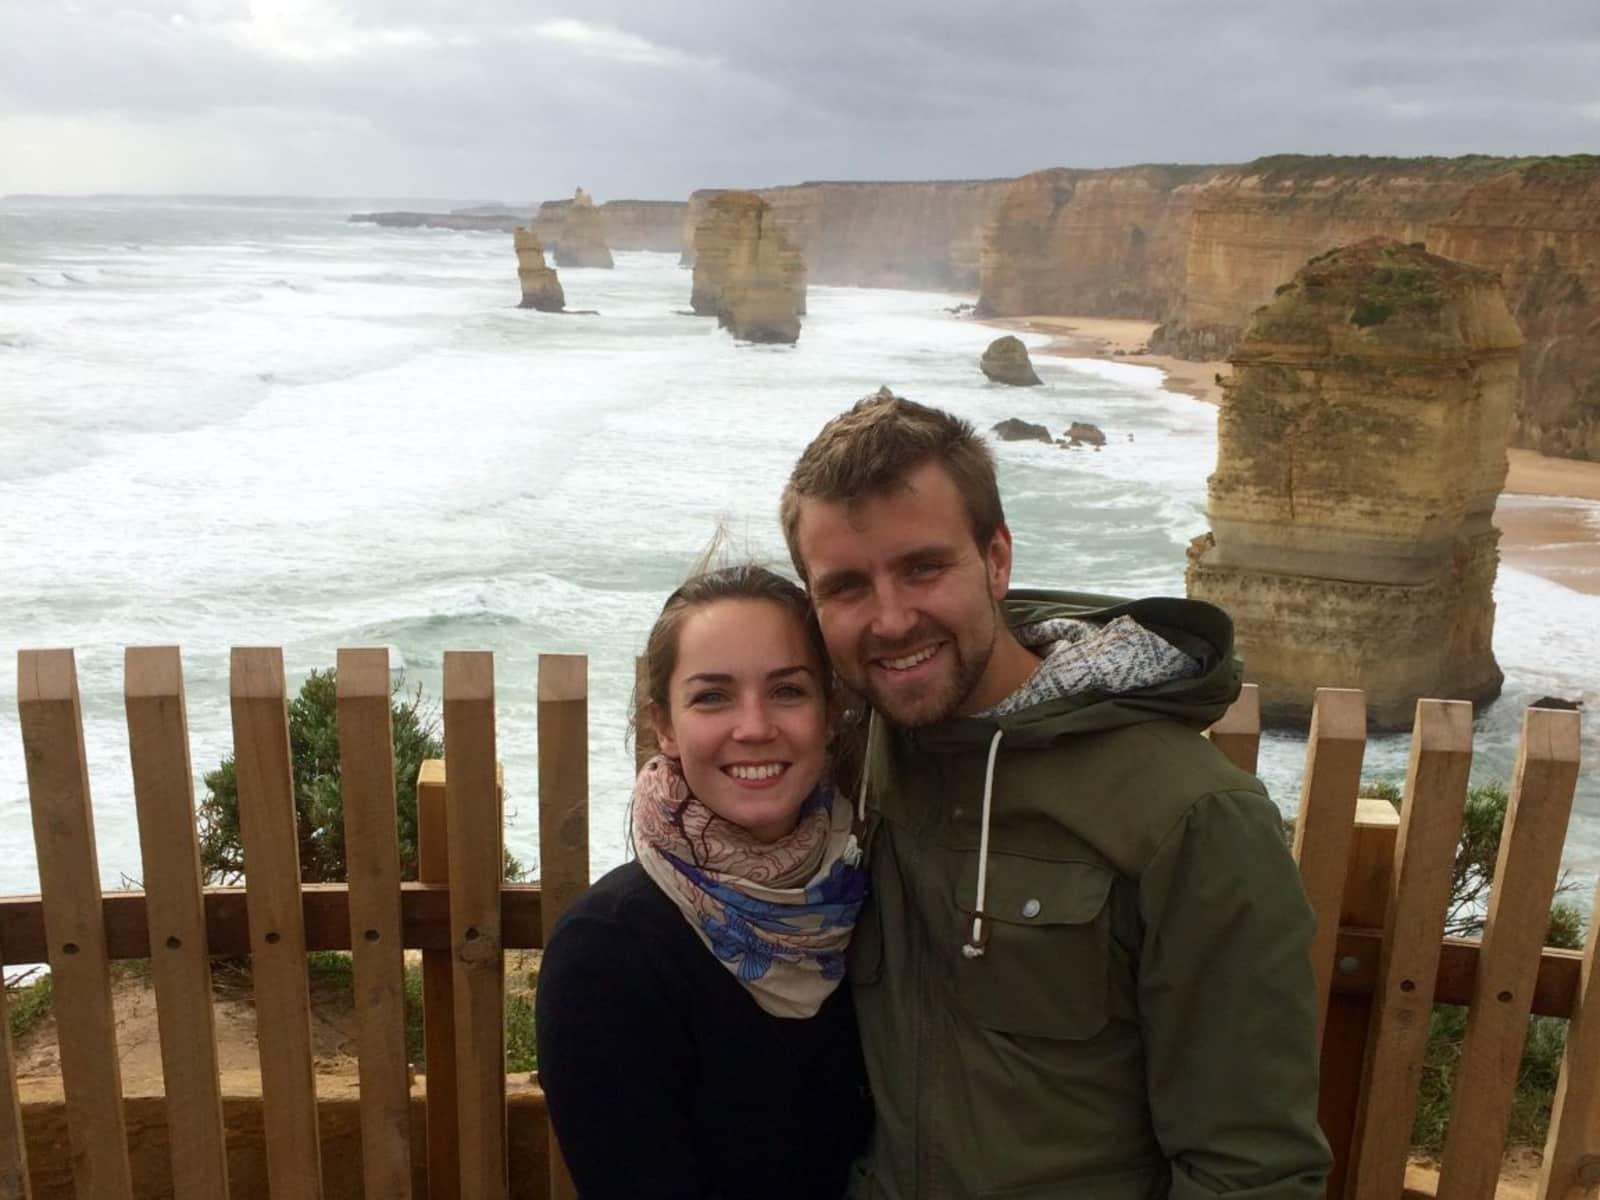 Anne cathrine & Oleg mikael from Copenhagen, Denmark